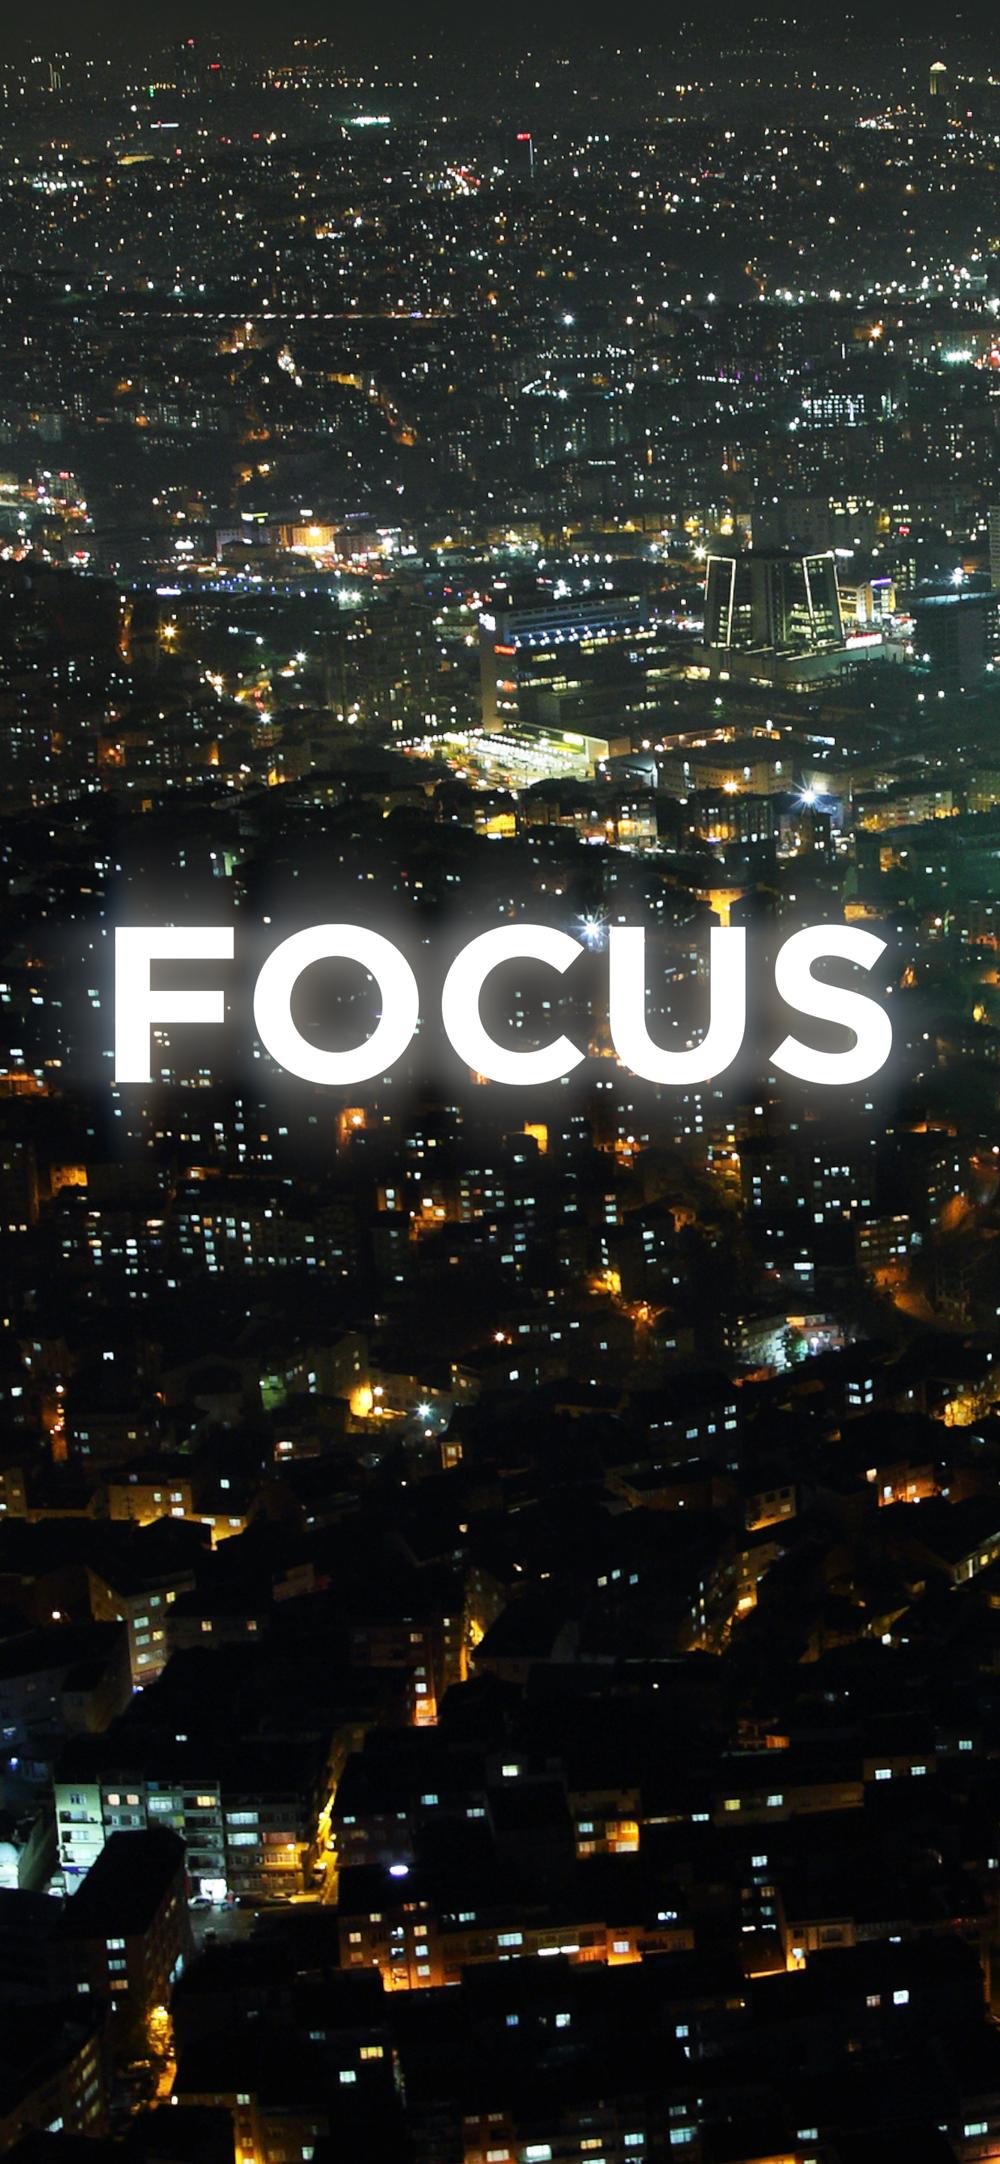 iphone-focus-background-10